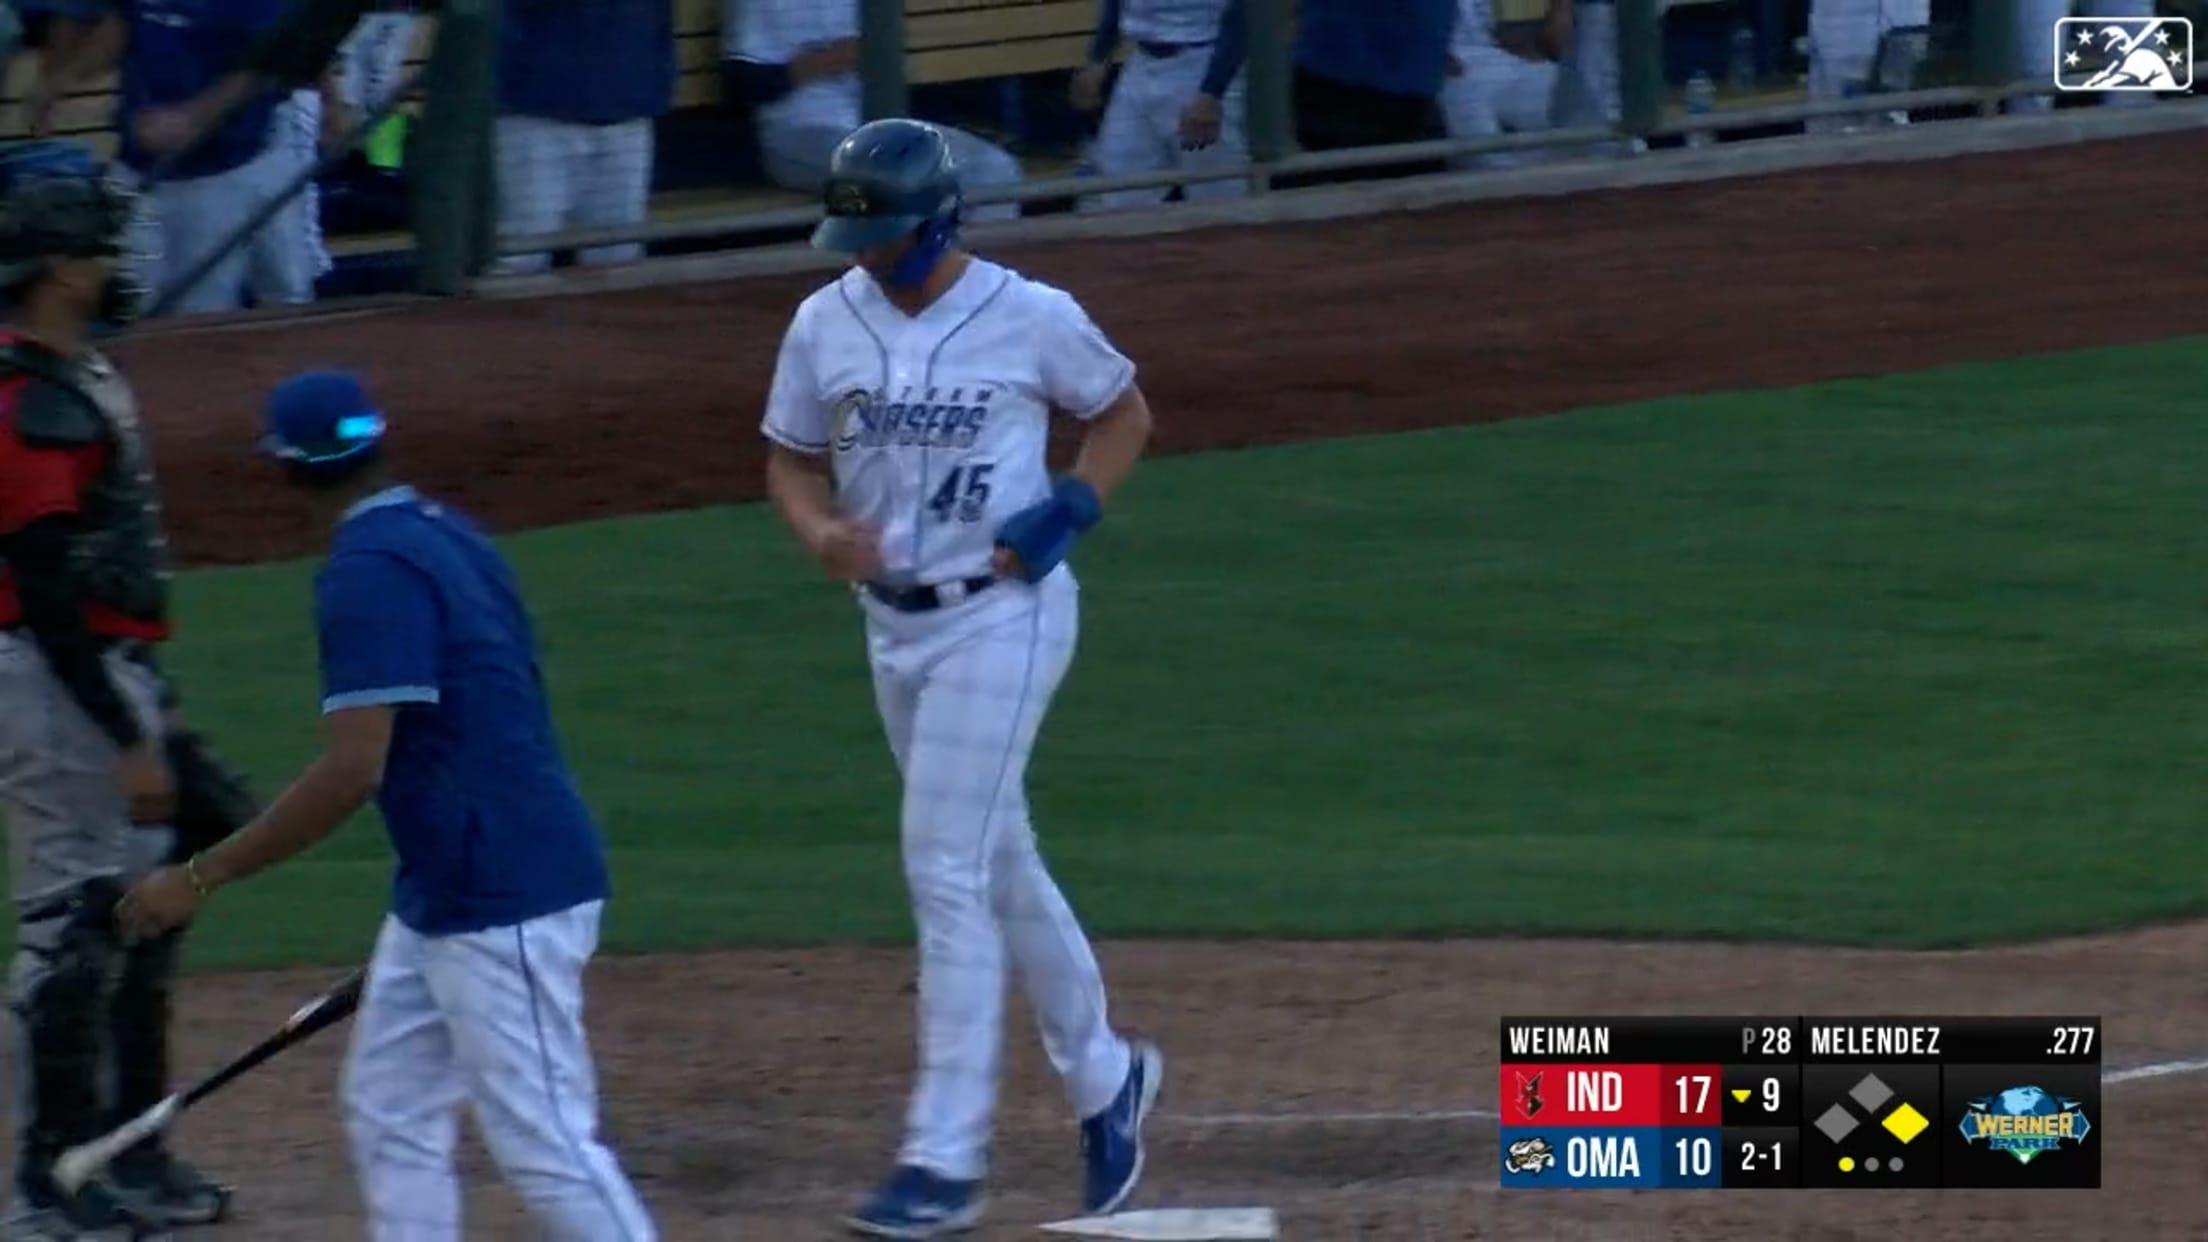 Melendez cracks two homers